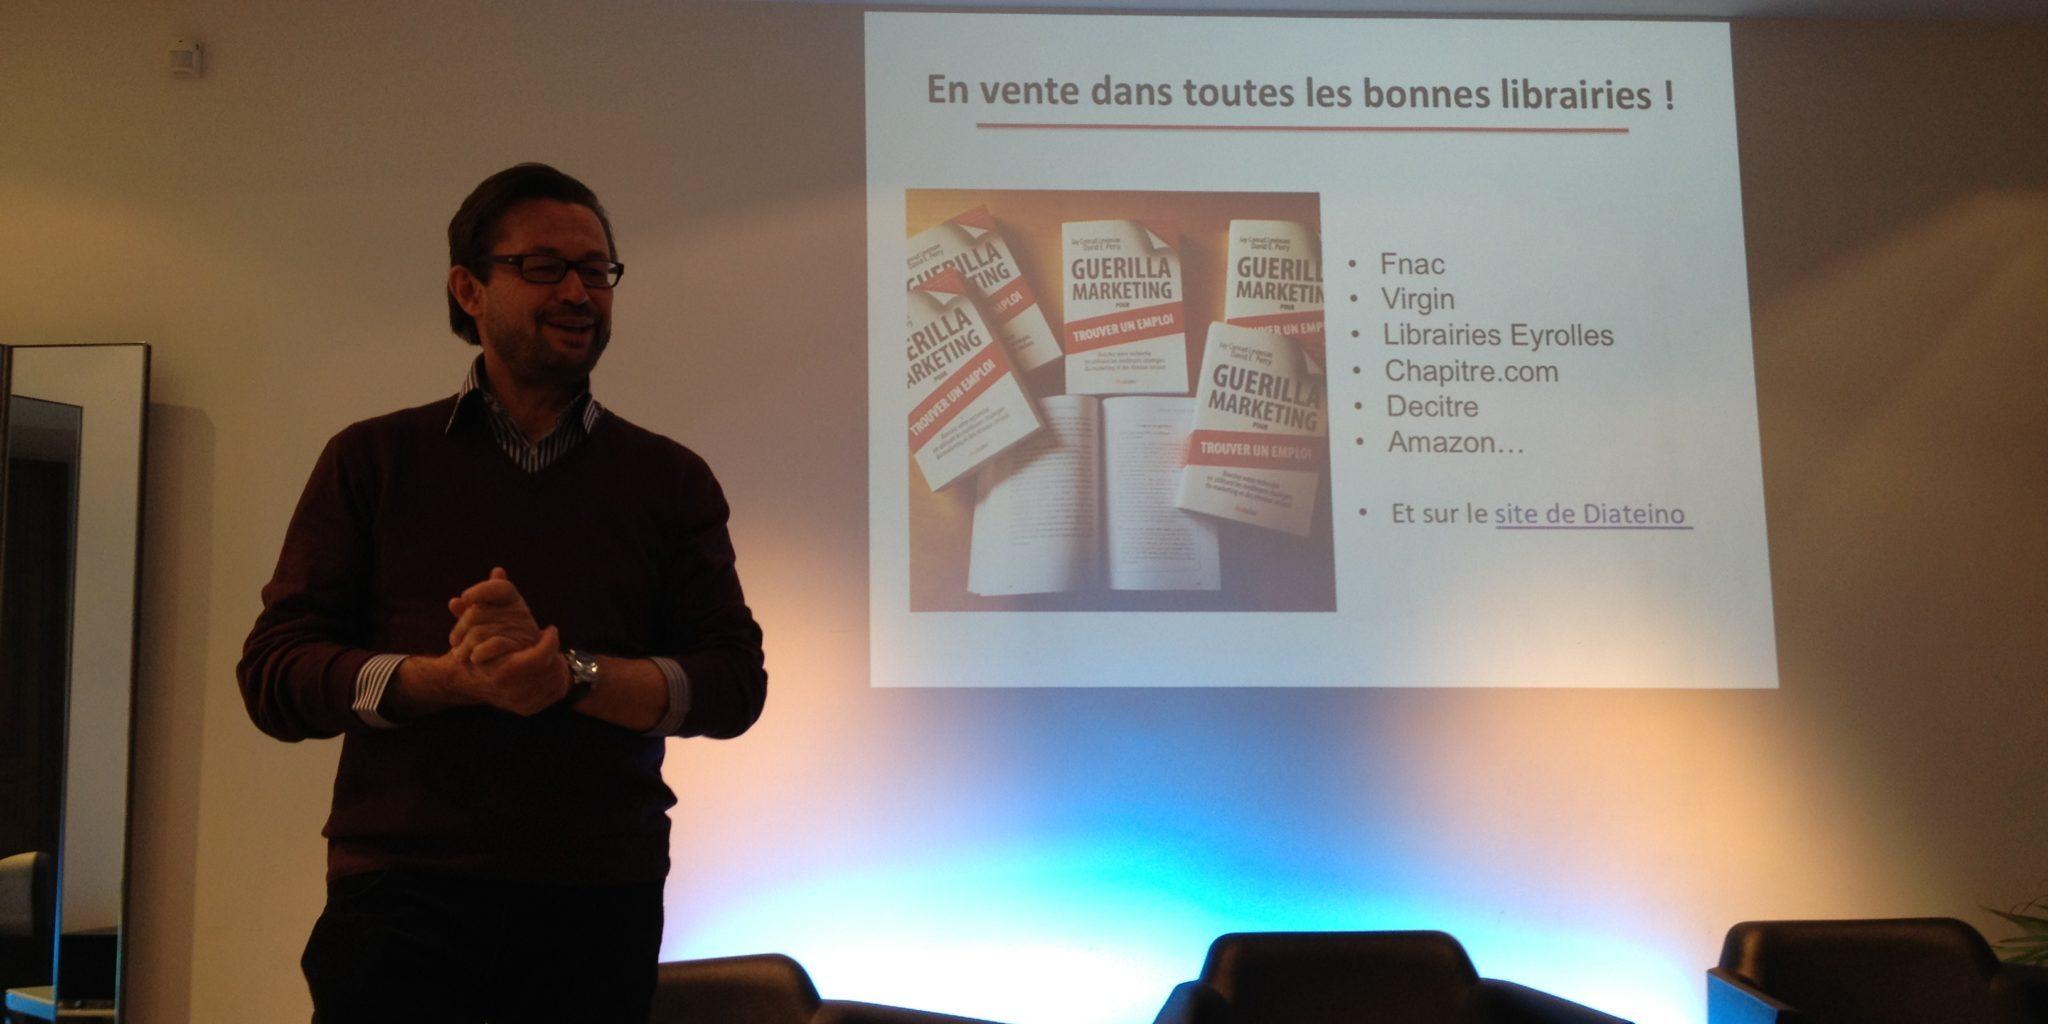 Livre-Guerilla-Marketing-Emploi-Jacques-Froissant